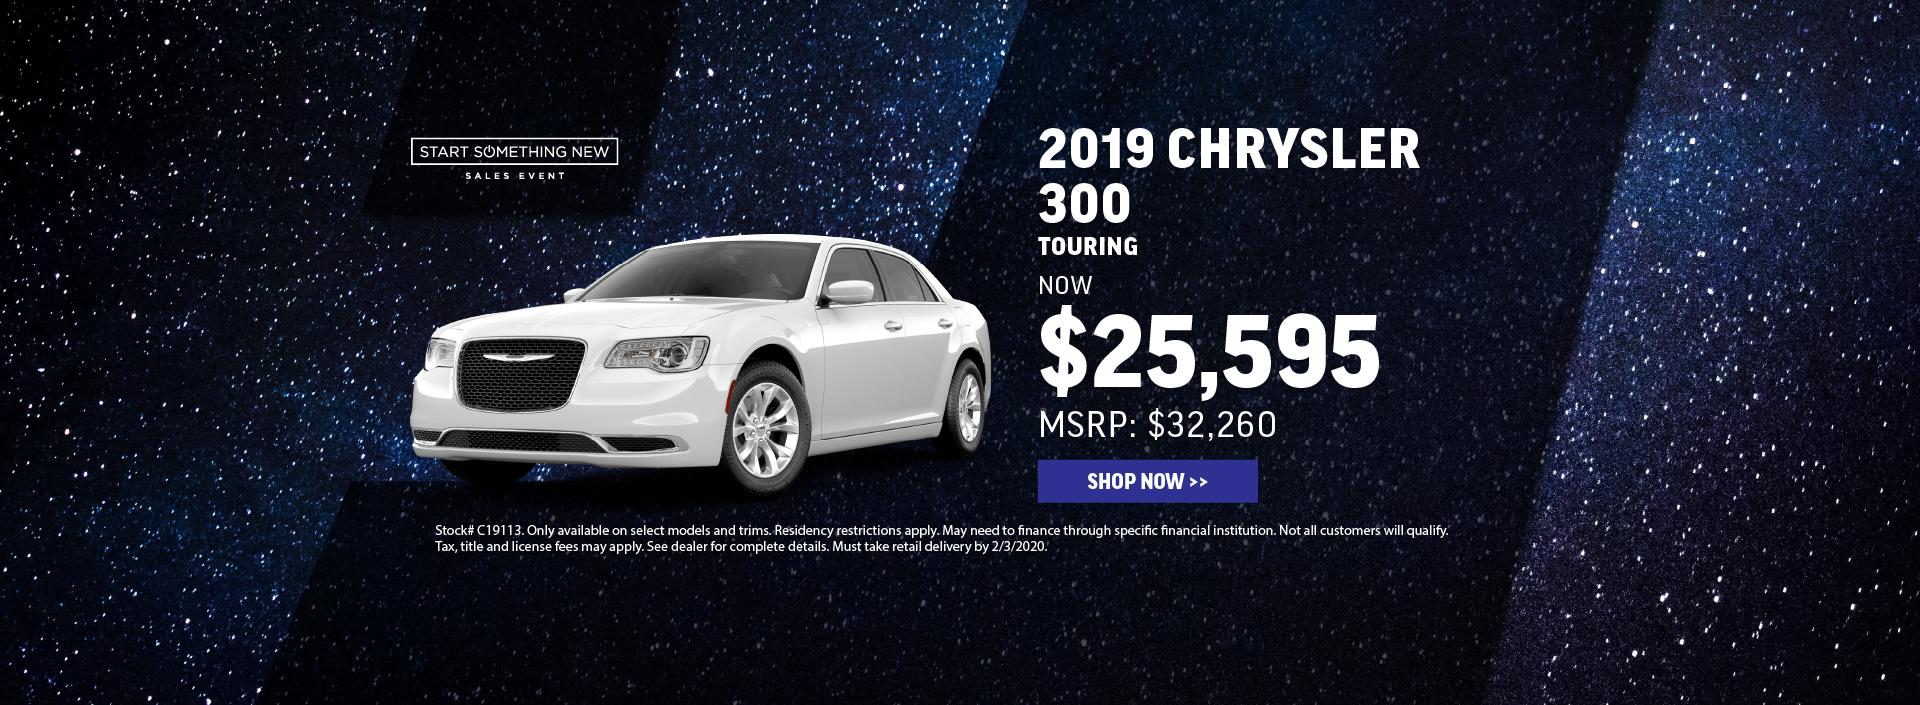 2019 Chrysler 300 Offer